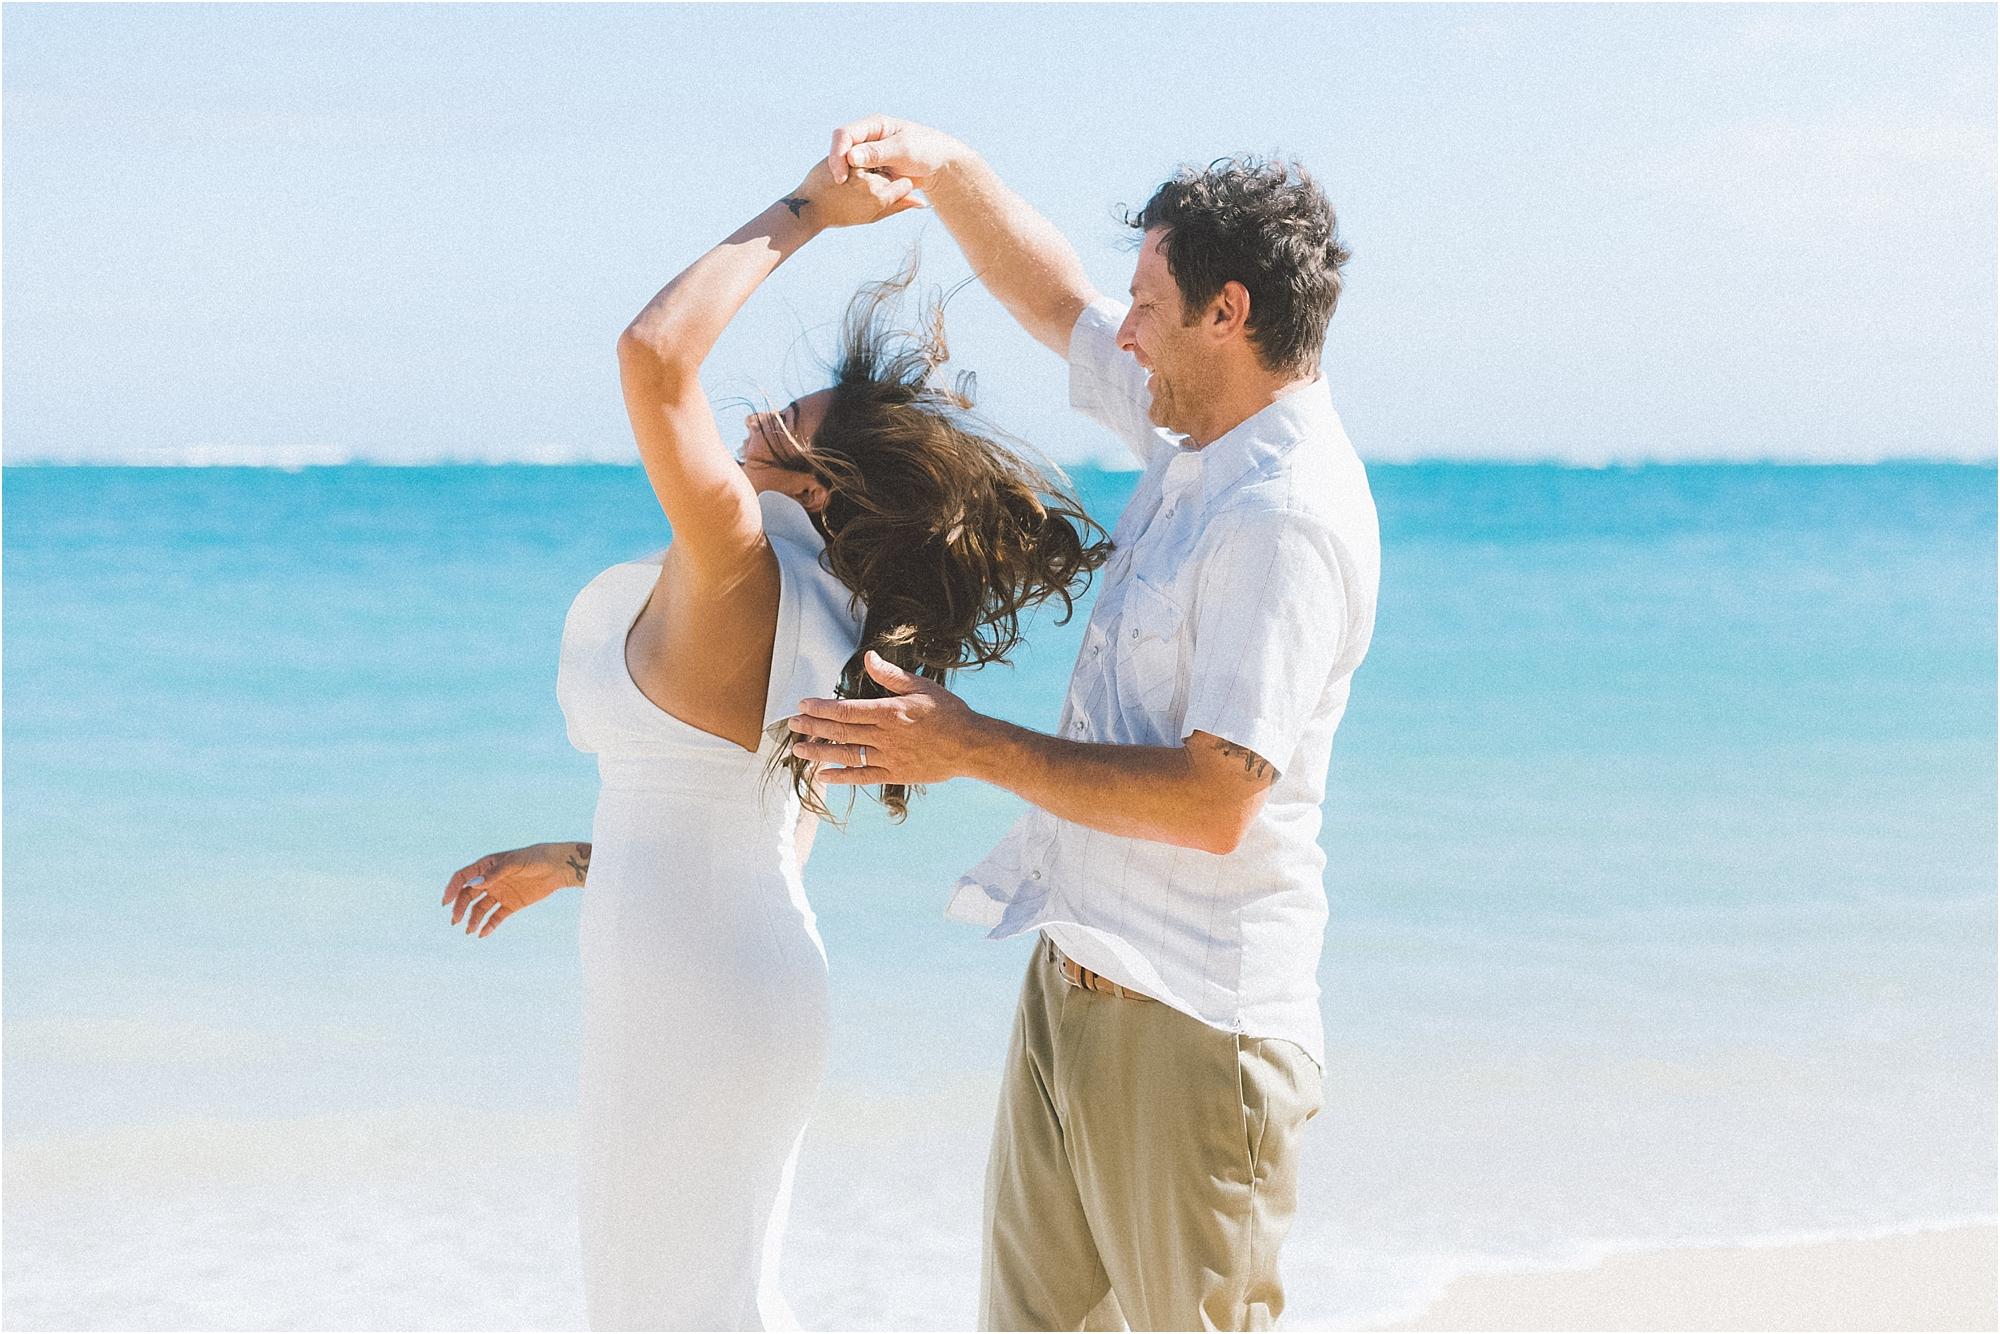 angie-diaz-photography-maui-honeymoon-photographer_0010.jpg